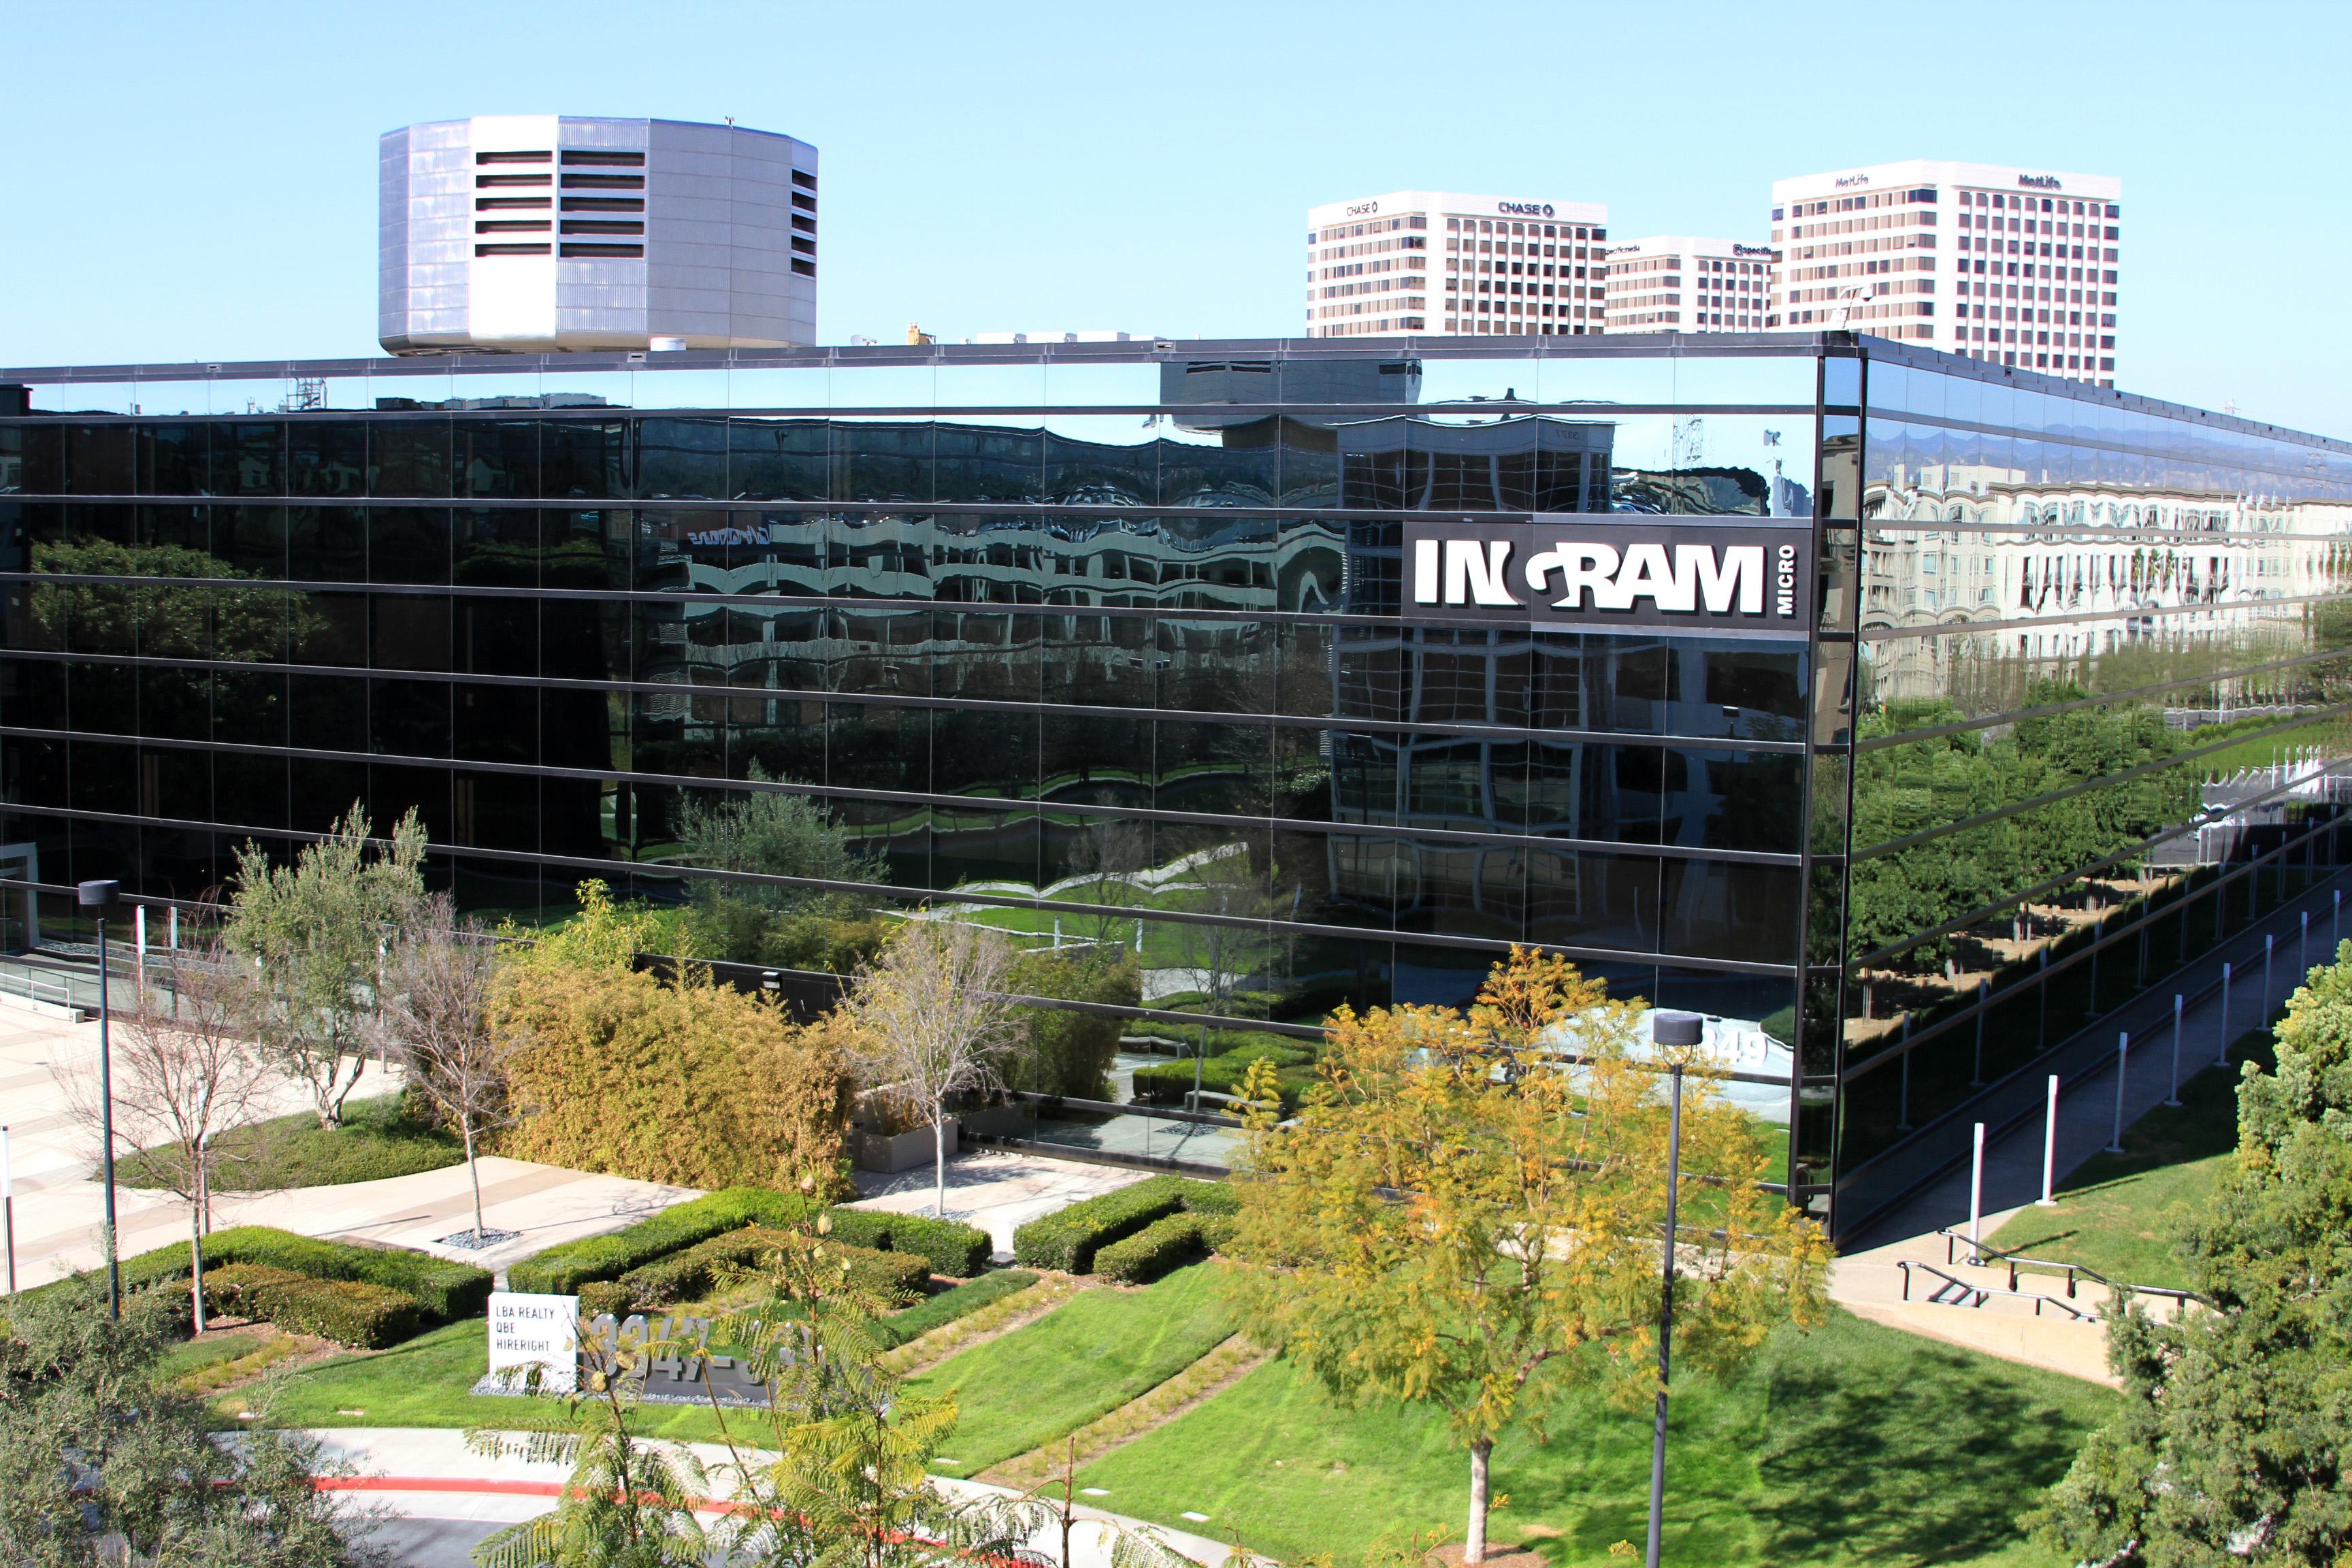 Ingram Micro wychodzi poza dystrybucję IT